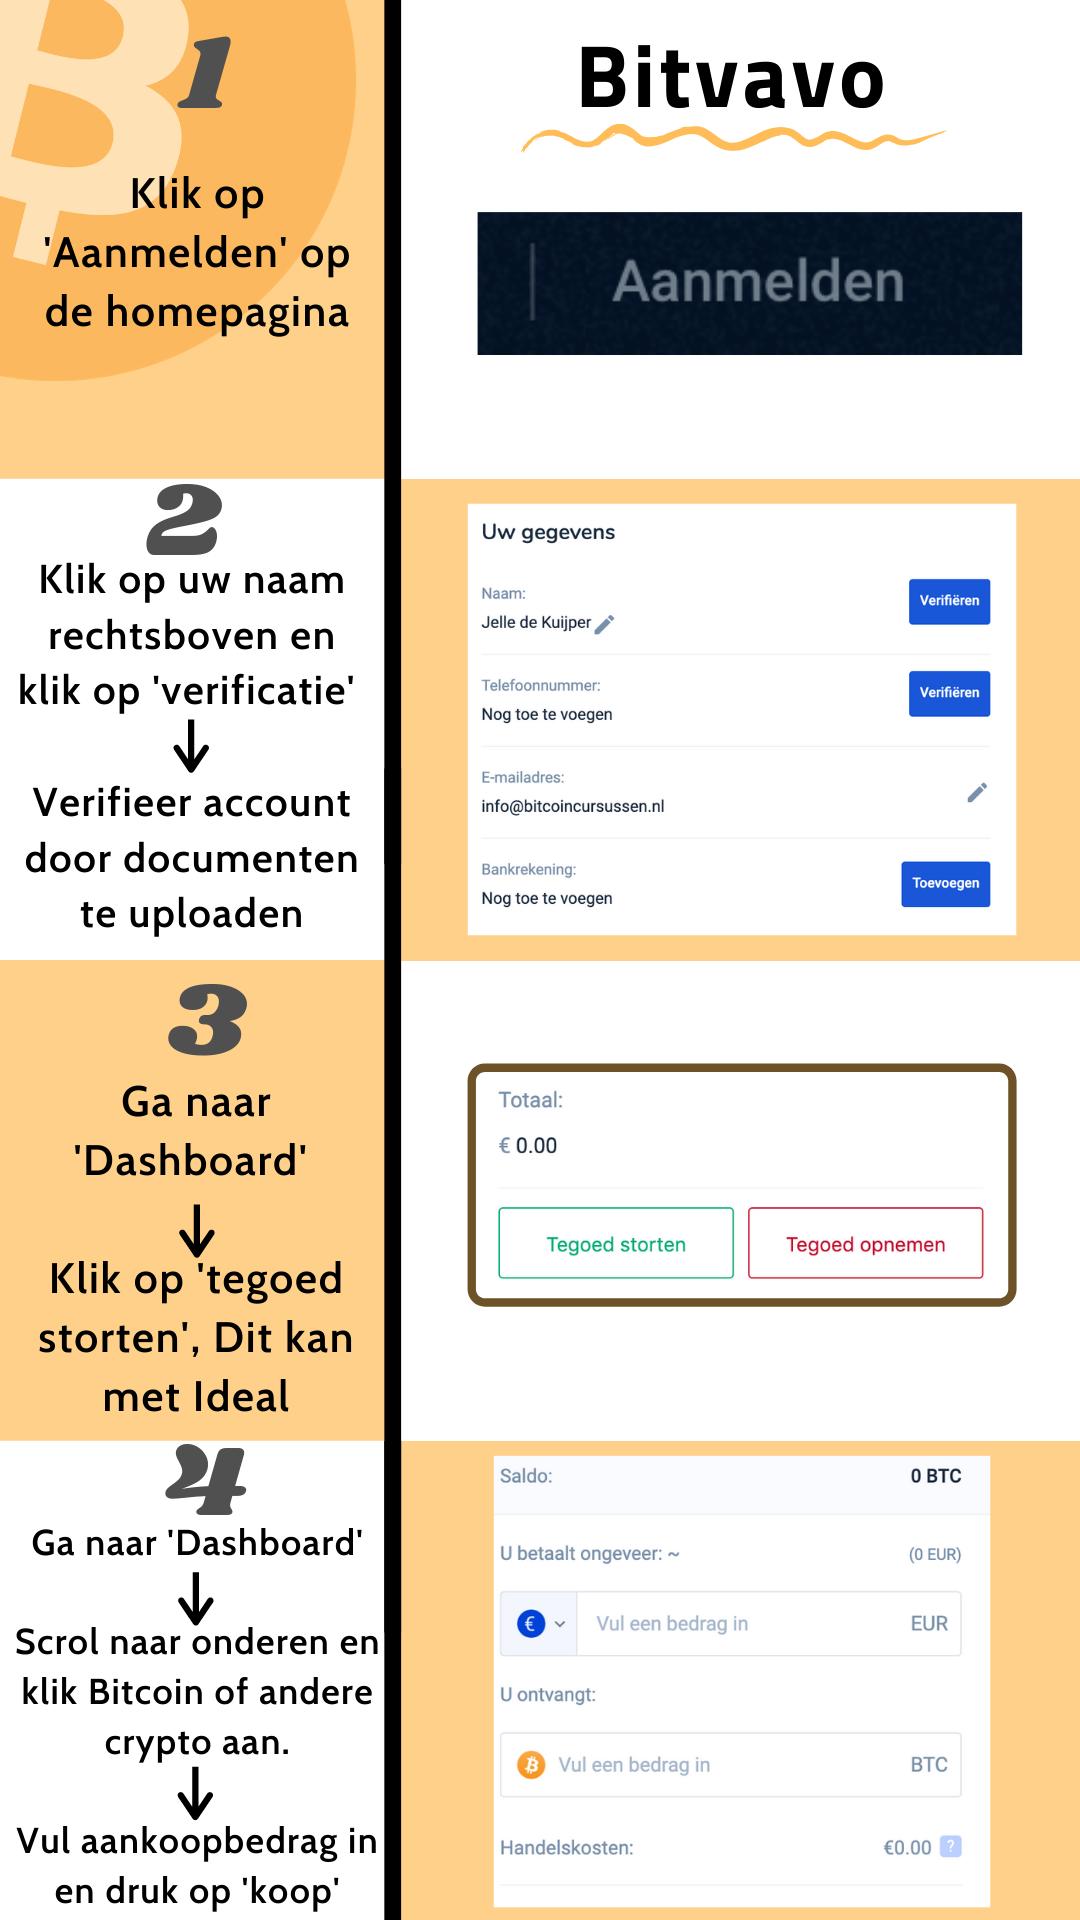 Hoe maak je een Bitvavo account